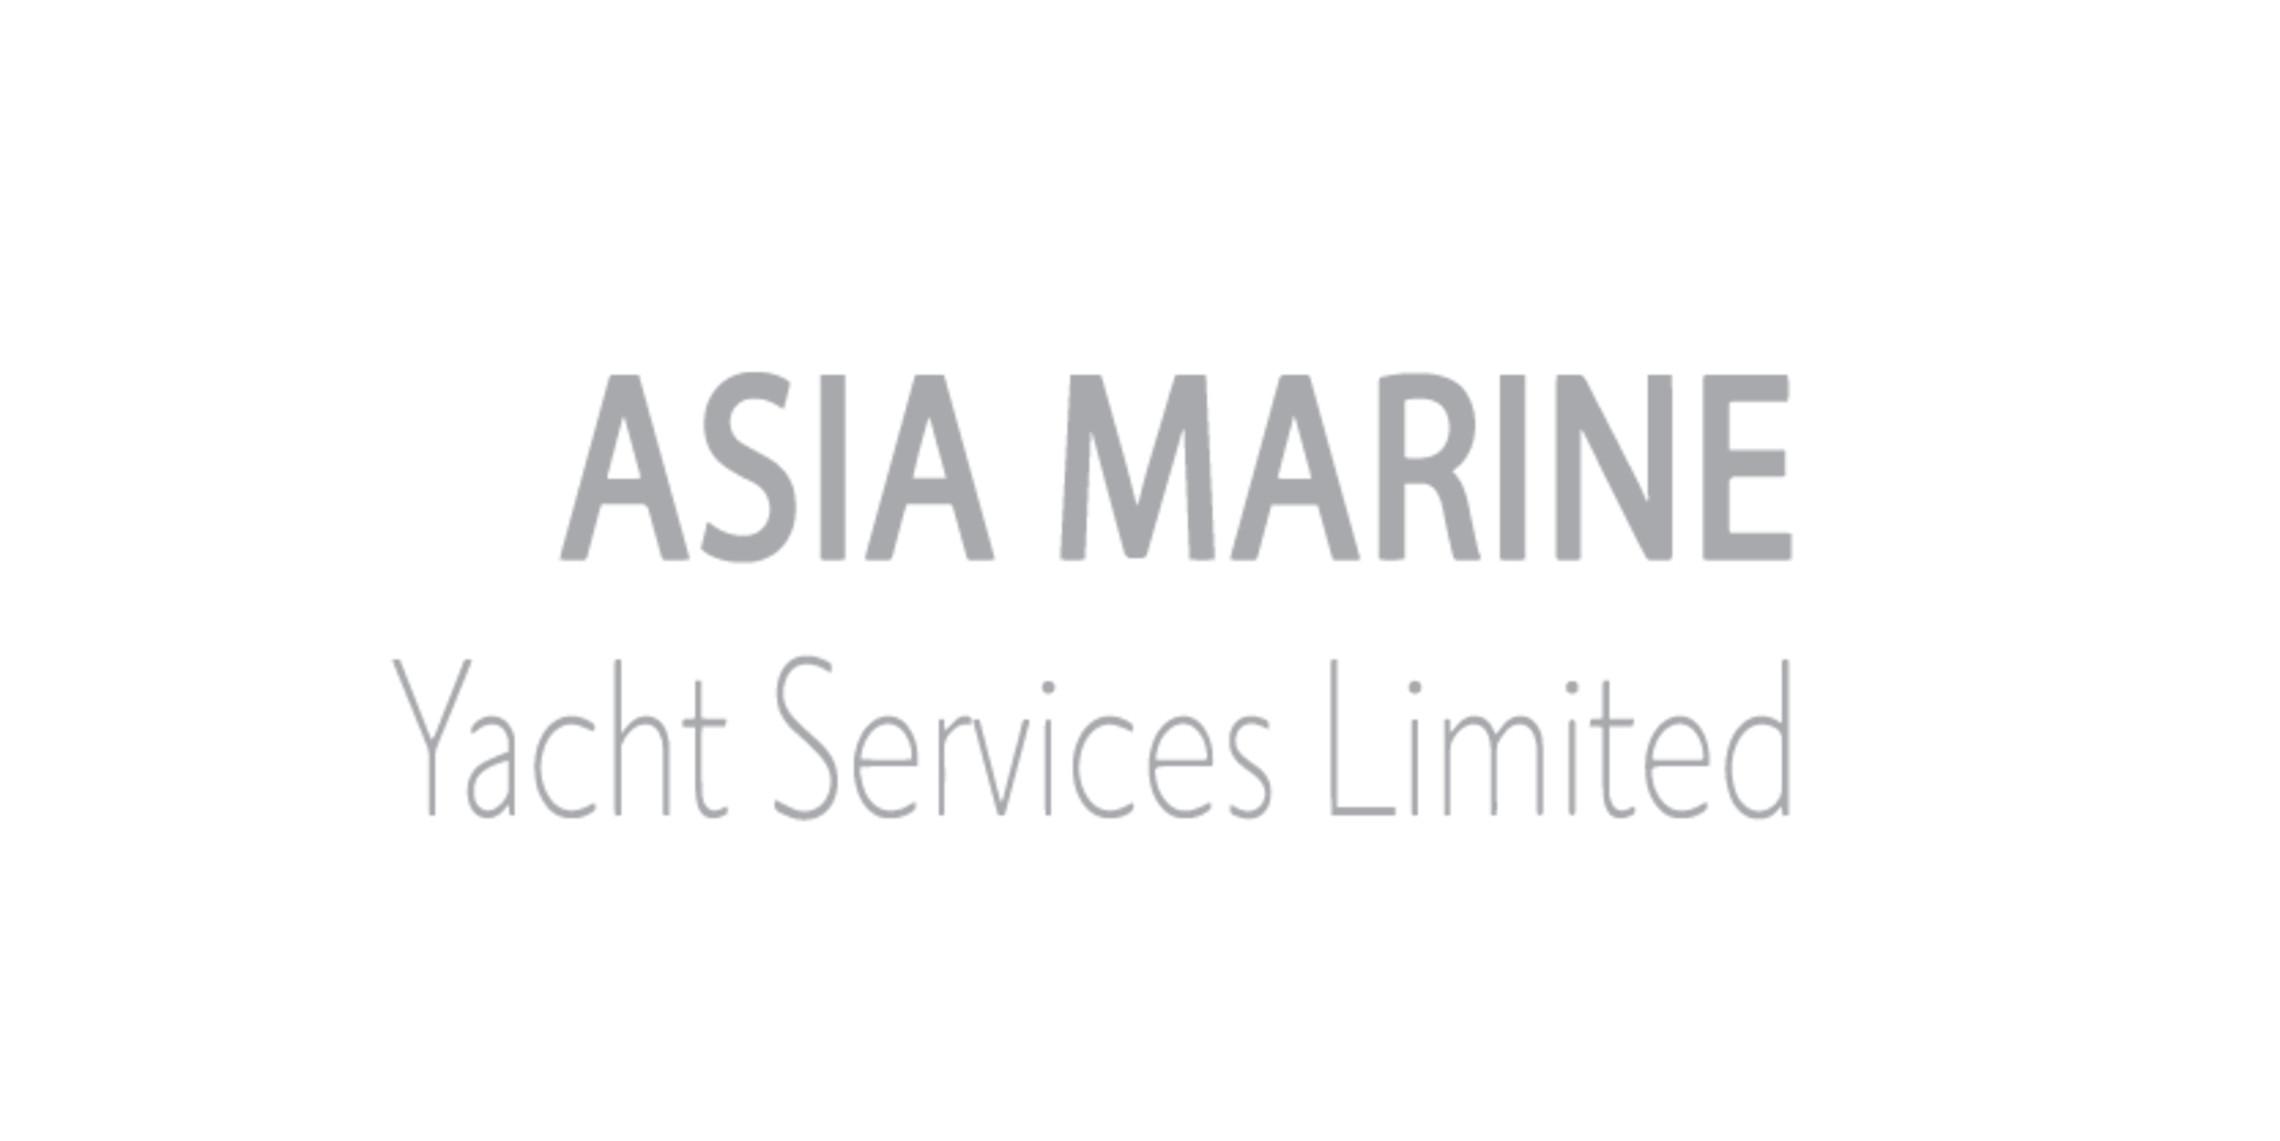 asia marine yacht- company logo